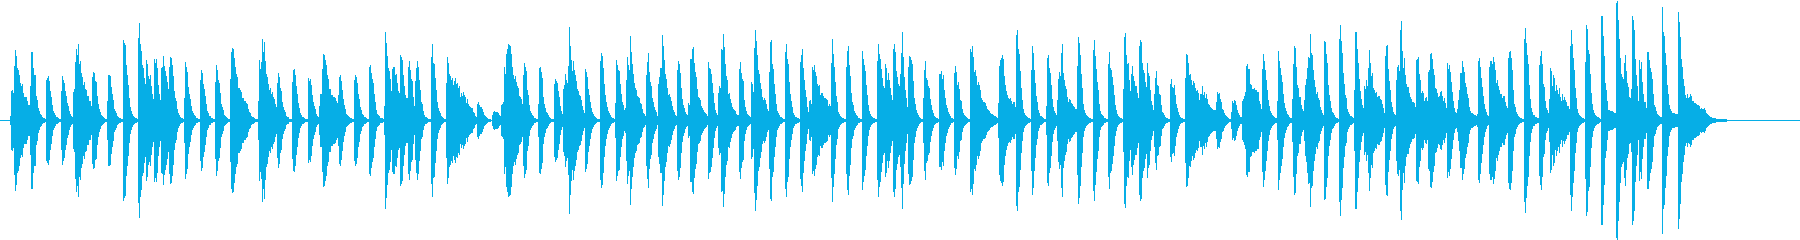 軽快な明るいピアノBGMの再生済みの波形